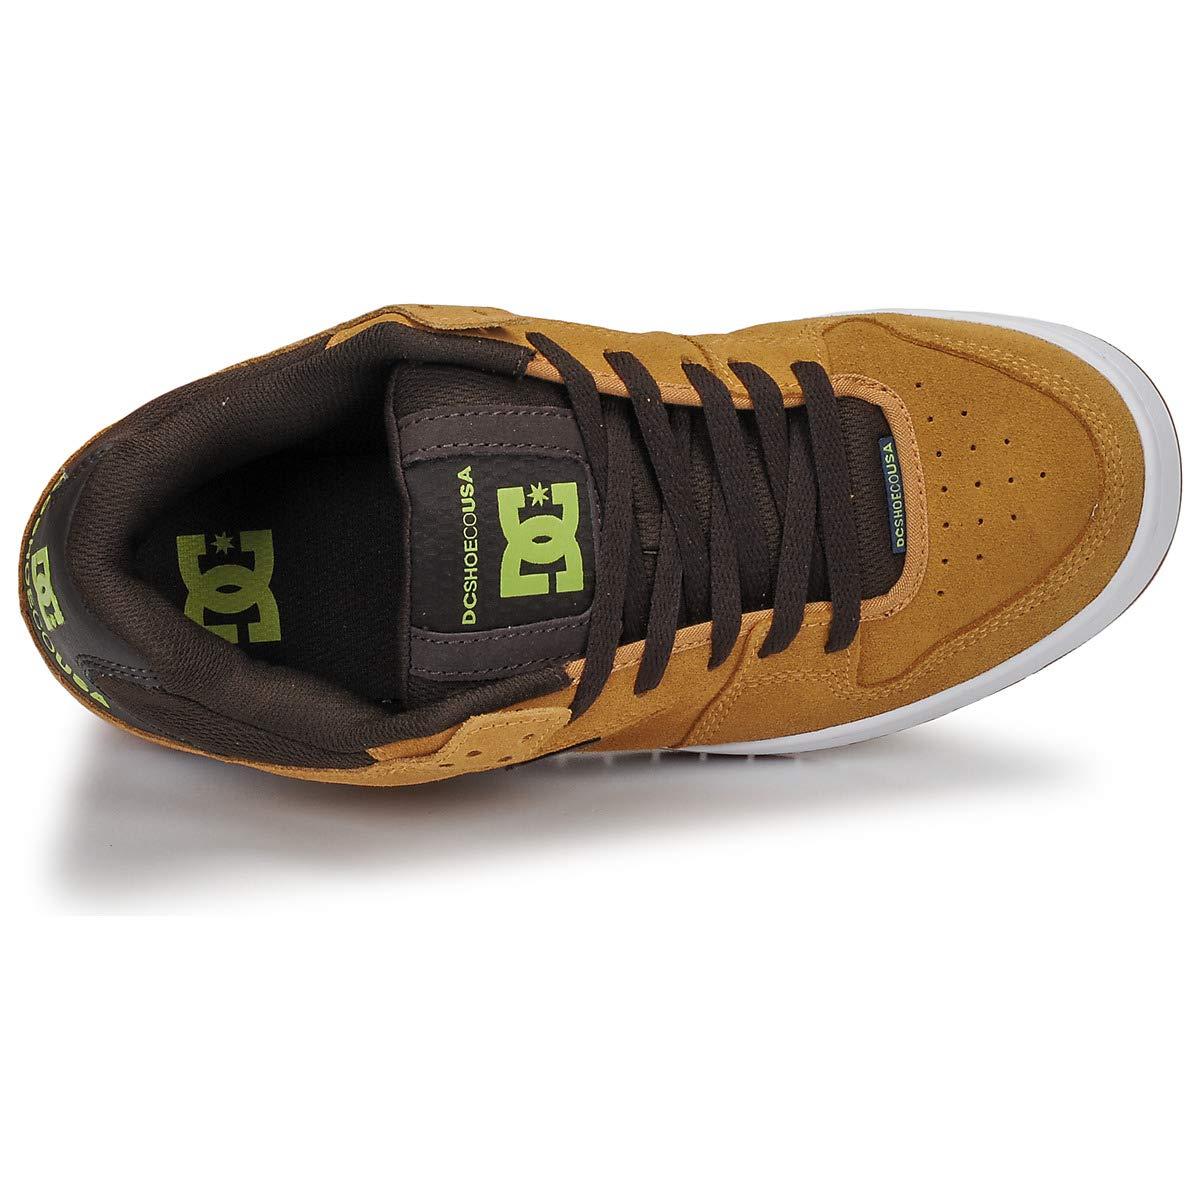 Chaussures pour Homme ADYS100314 DC Shoes Manteca Se